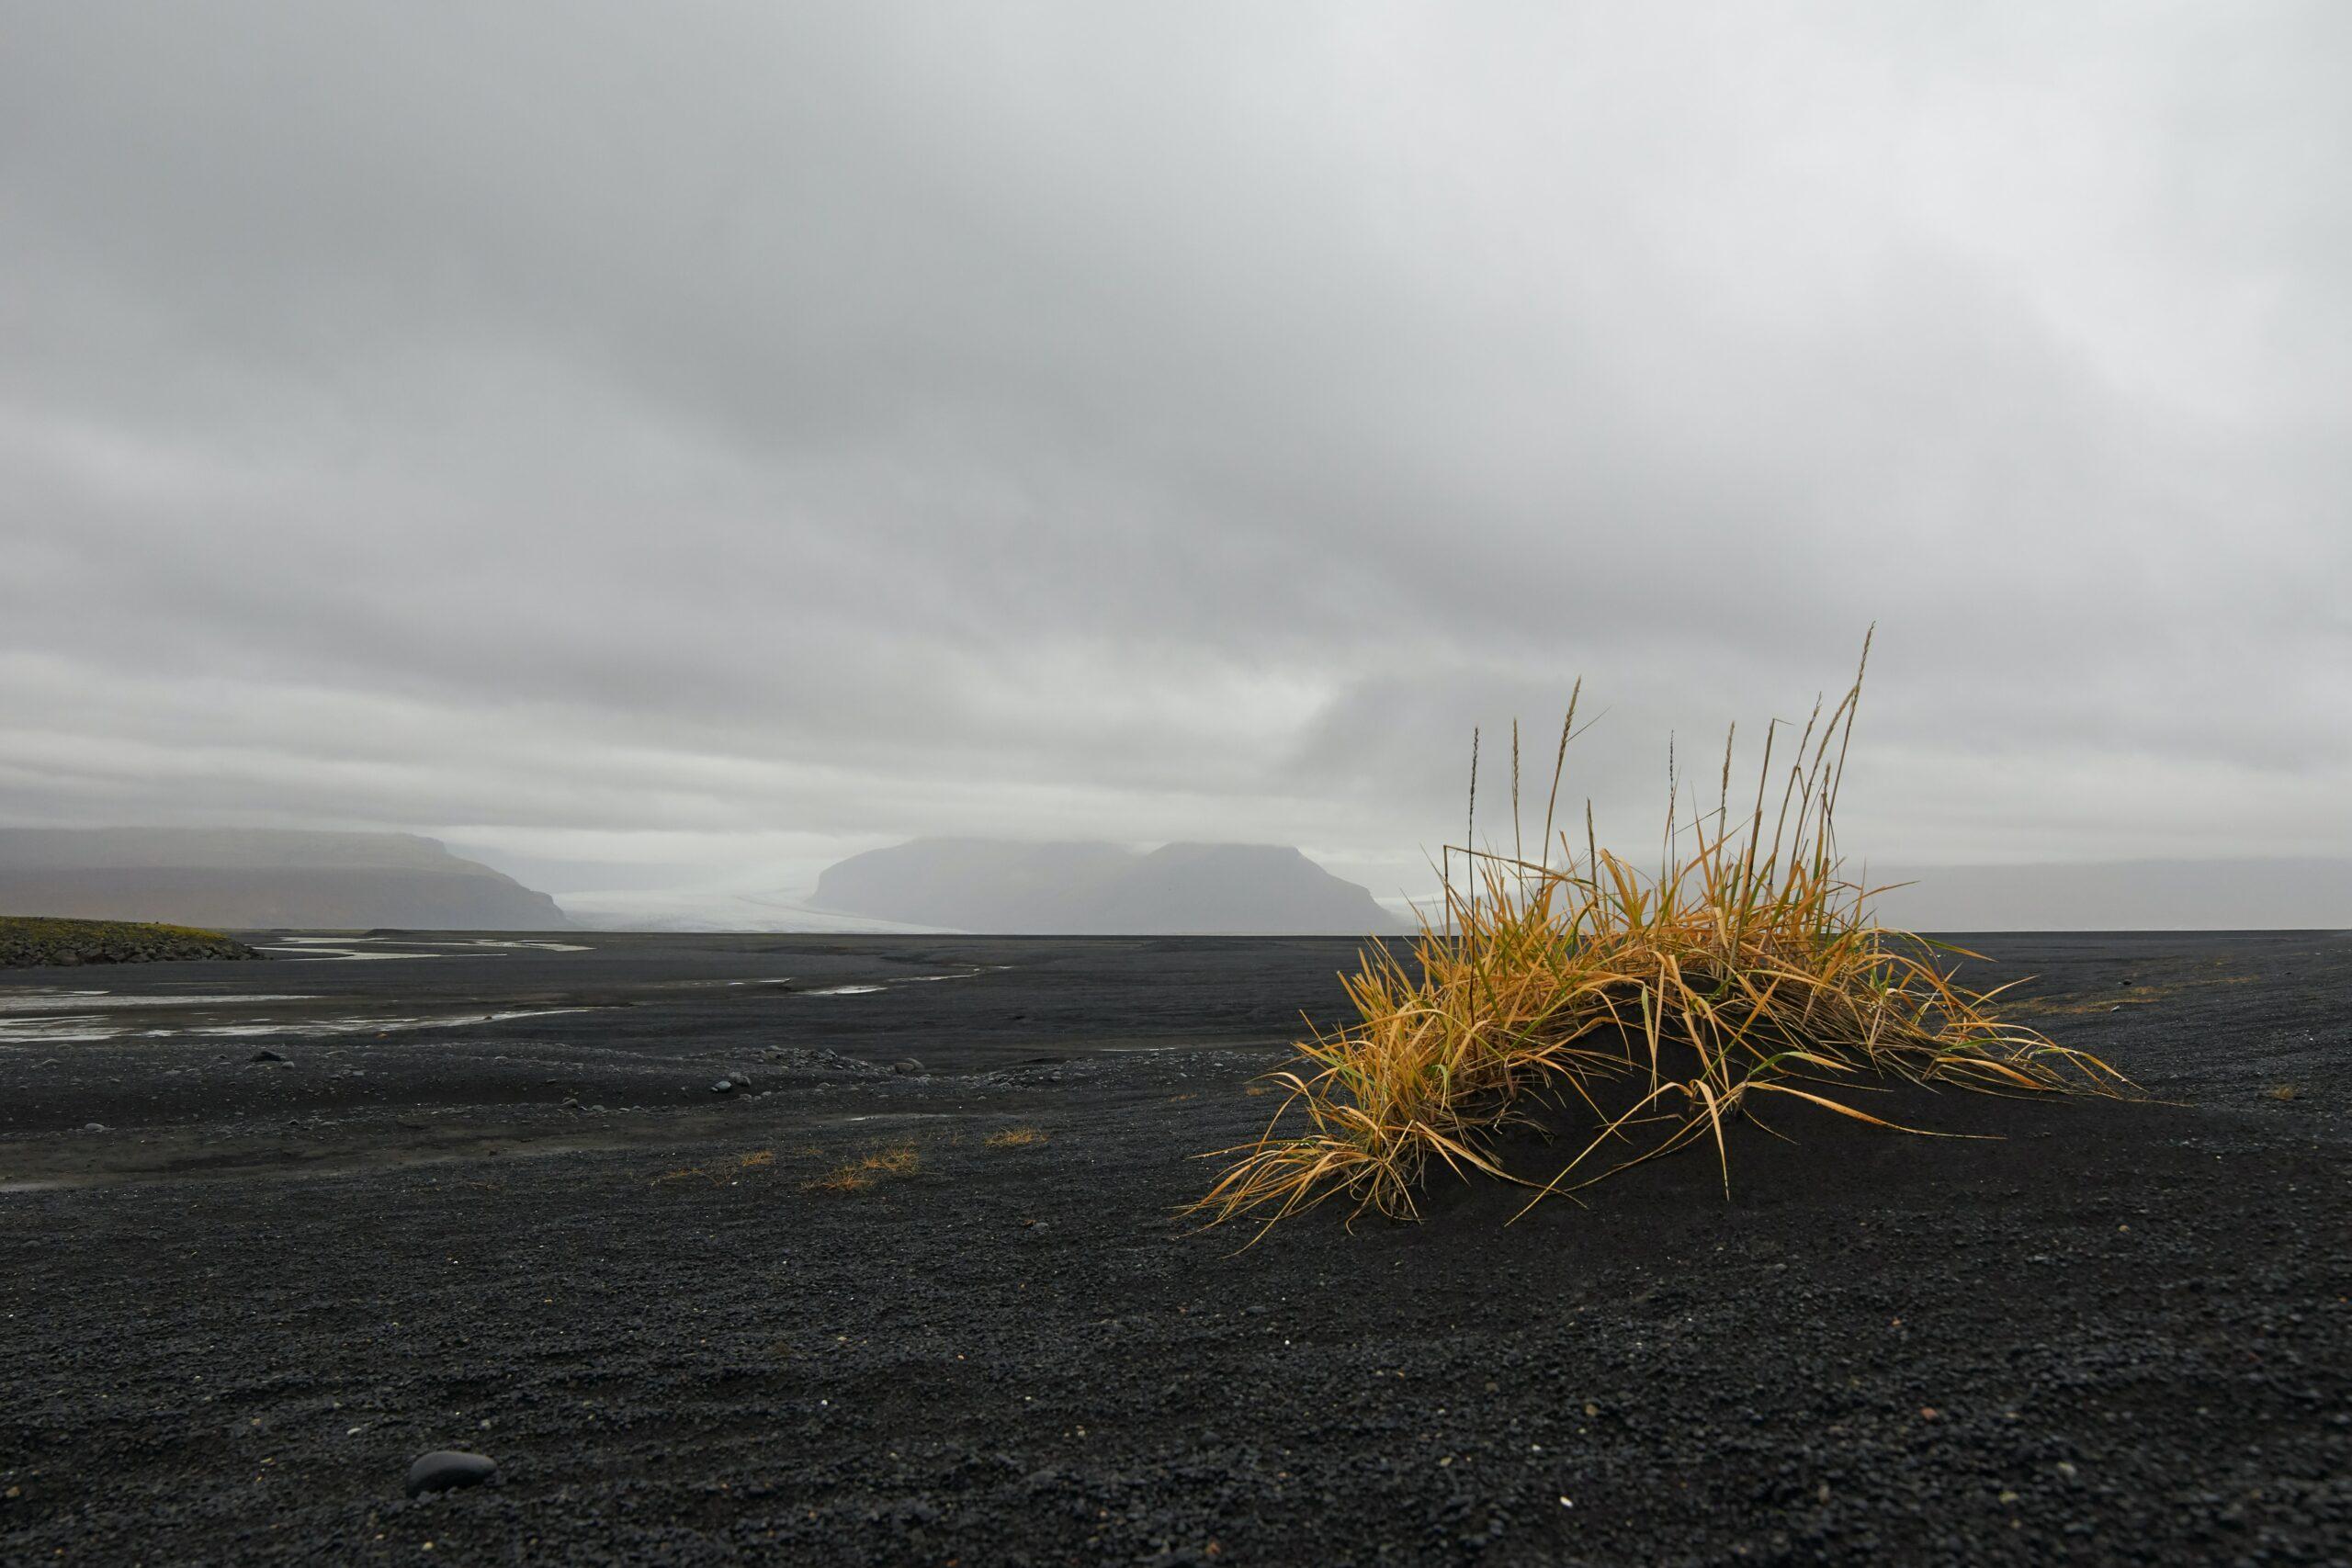 Barren land, barren hearts, barren times